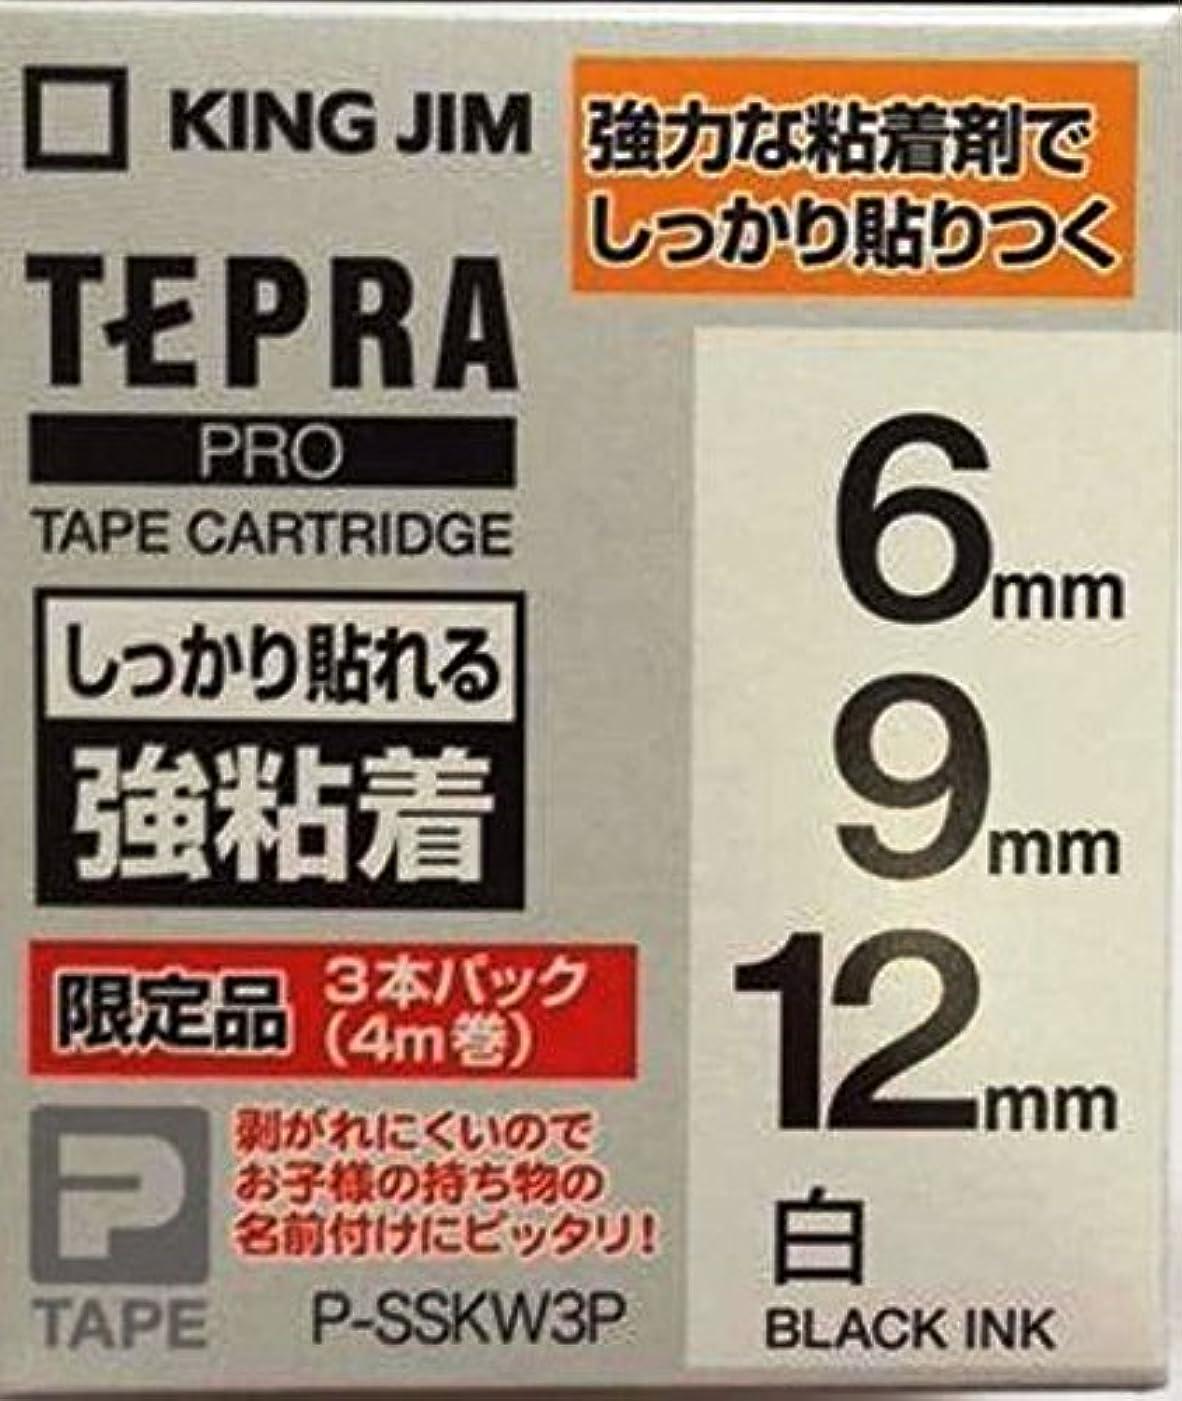 偏心叫ぶ崩壊ガーリー テープ 互換 テプラ カートリッジ 12mm キングジム pro ソフト グレー文字 ベビーピンク ミルキーブルー ミントグリーン ラベンダーレ モンイエロー 5個セット ASprinte